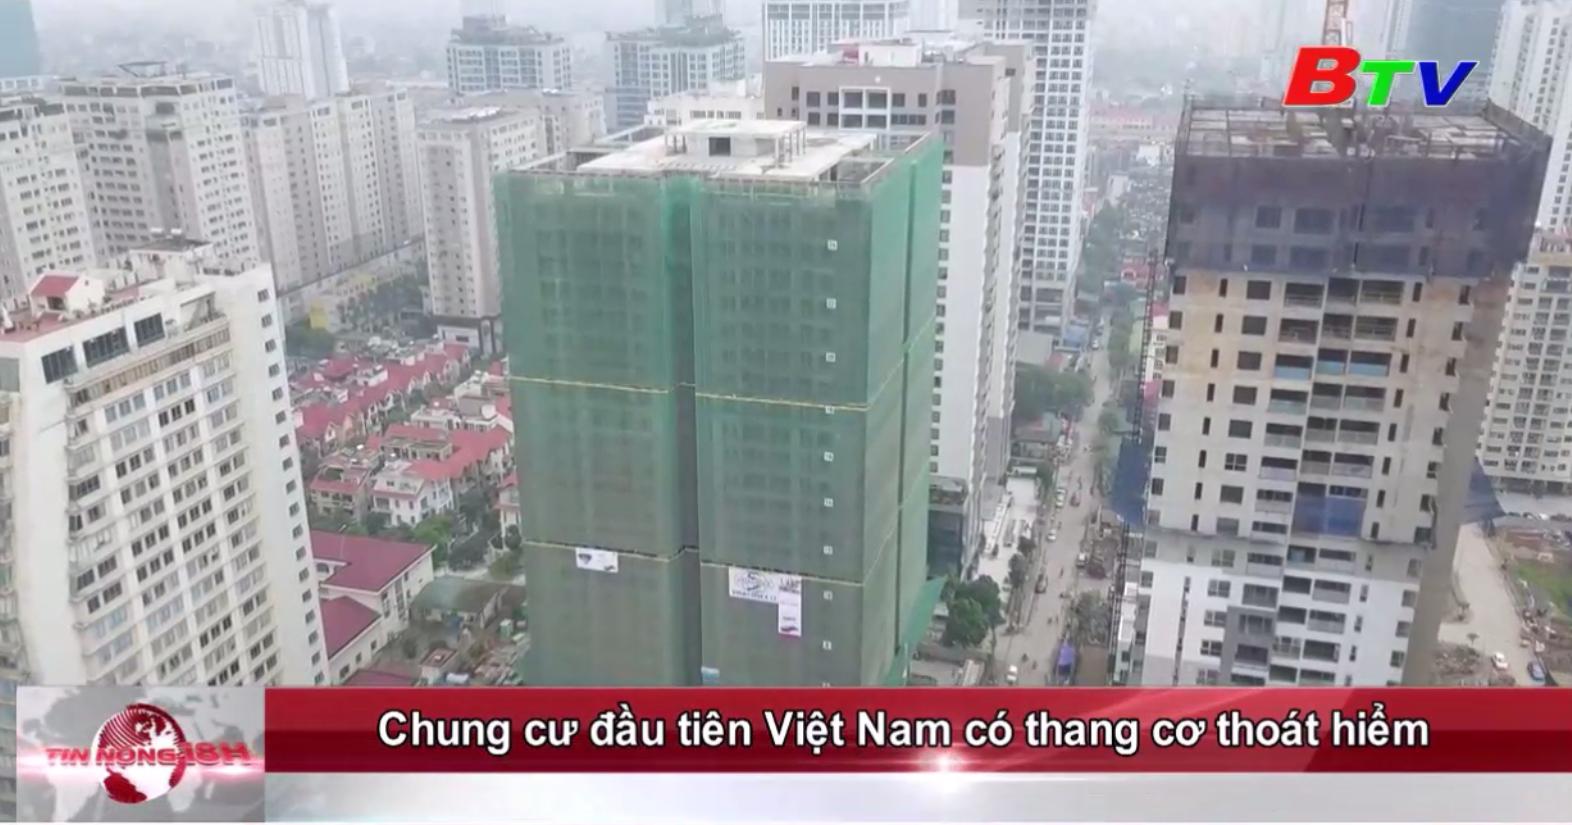 Chung cư đầu tiên Việt Nam có thang cơ thoát hiểm